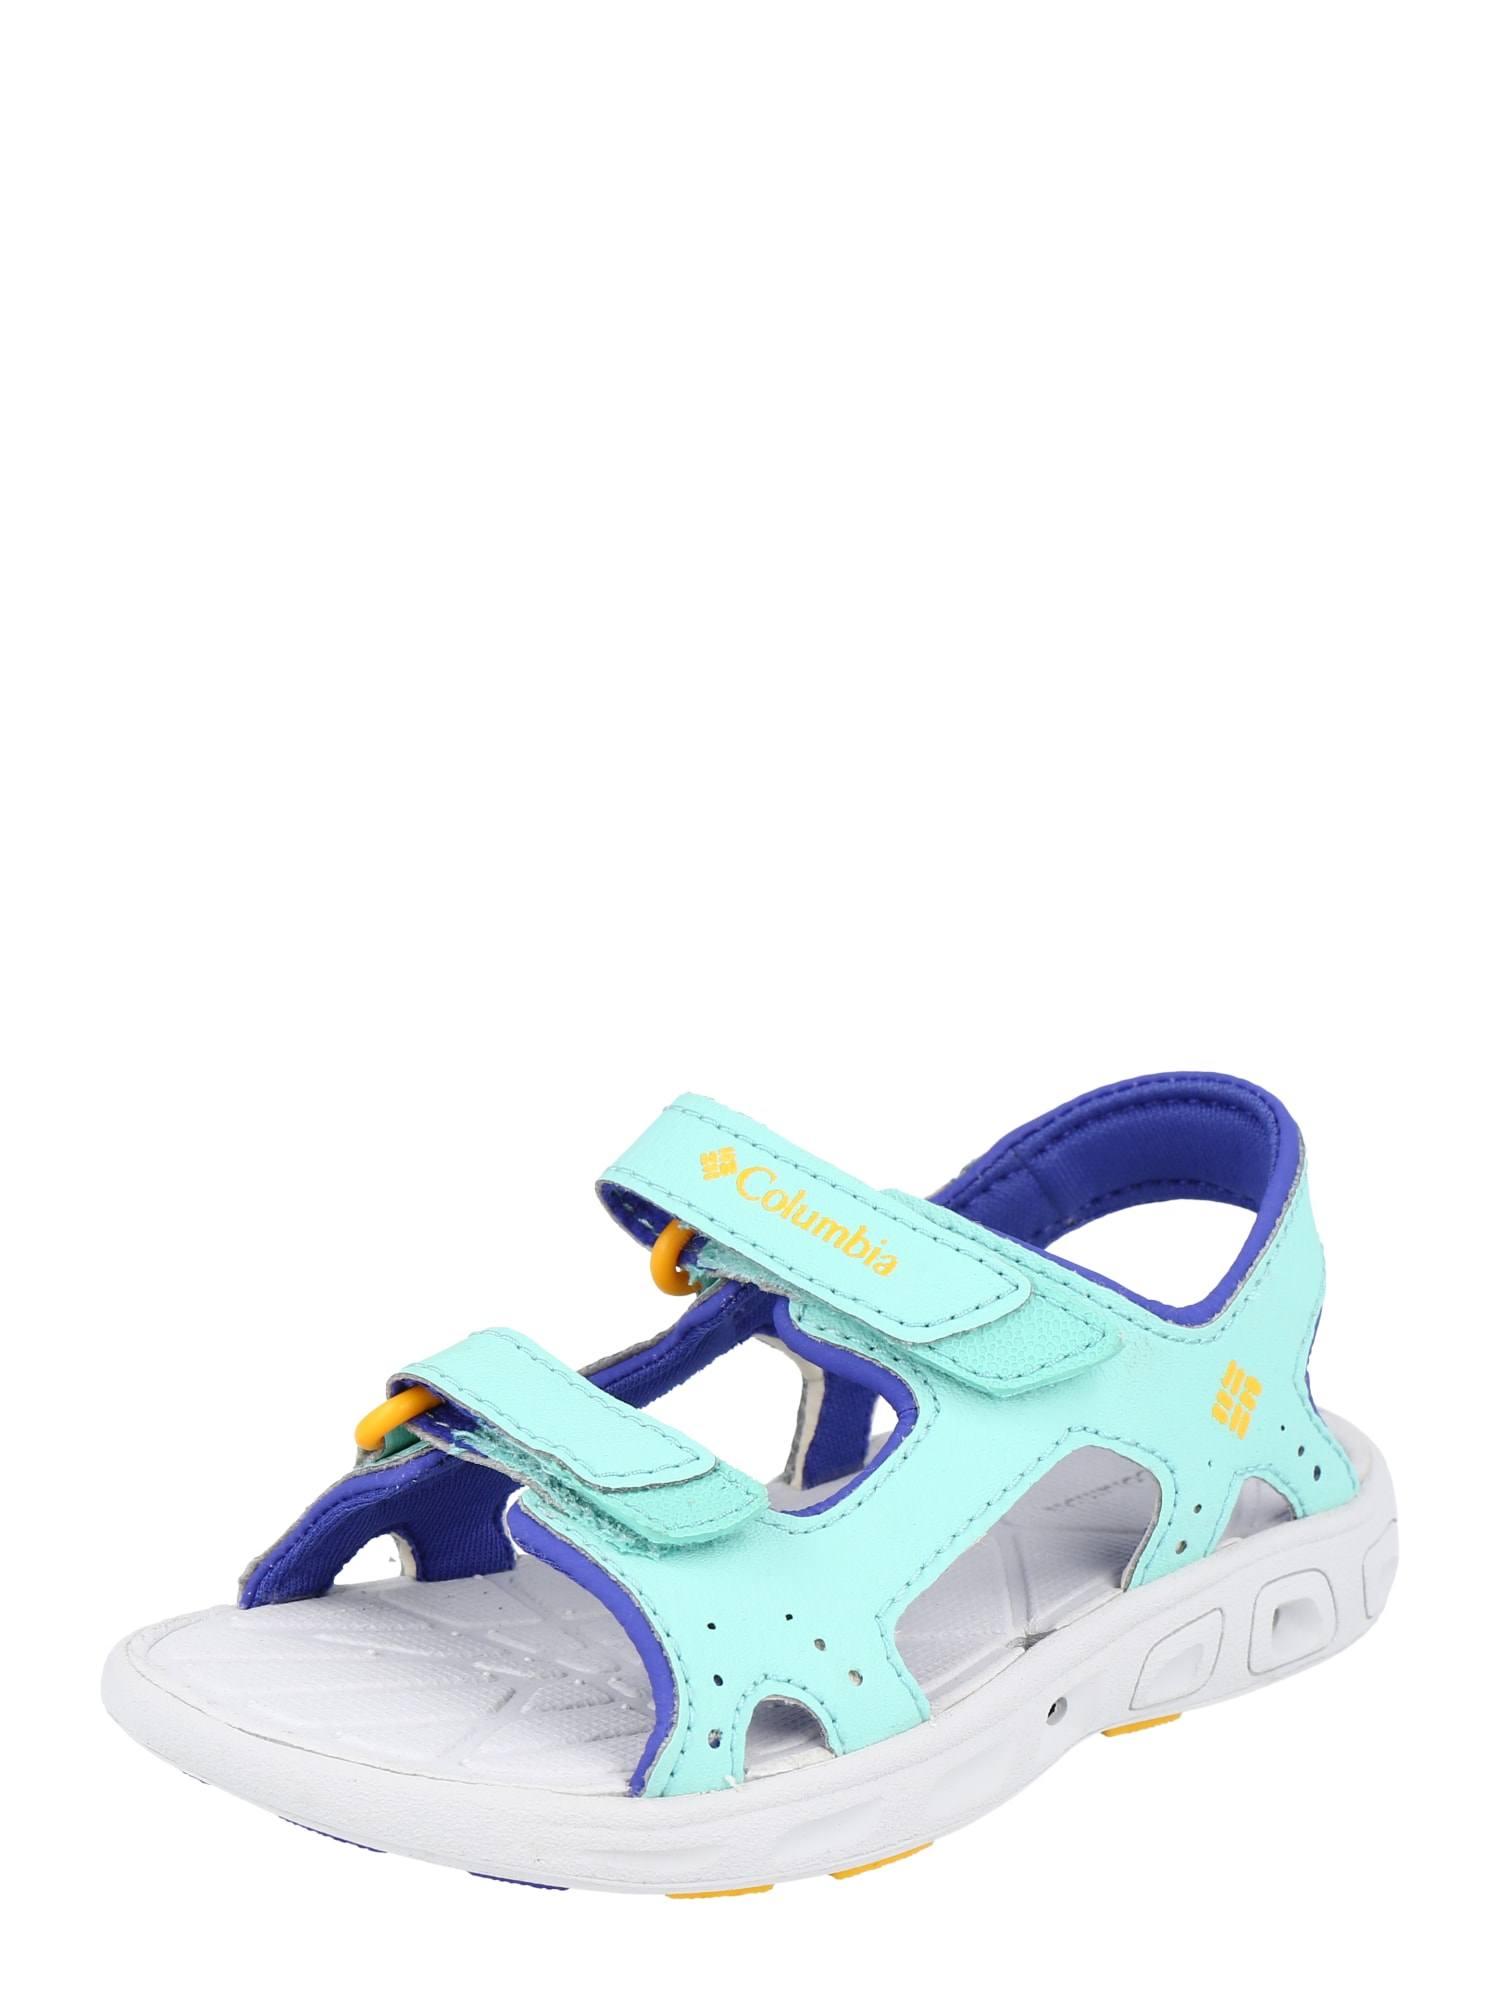 COLUMBIA Atviri batai